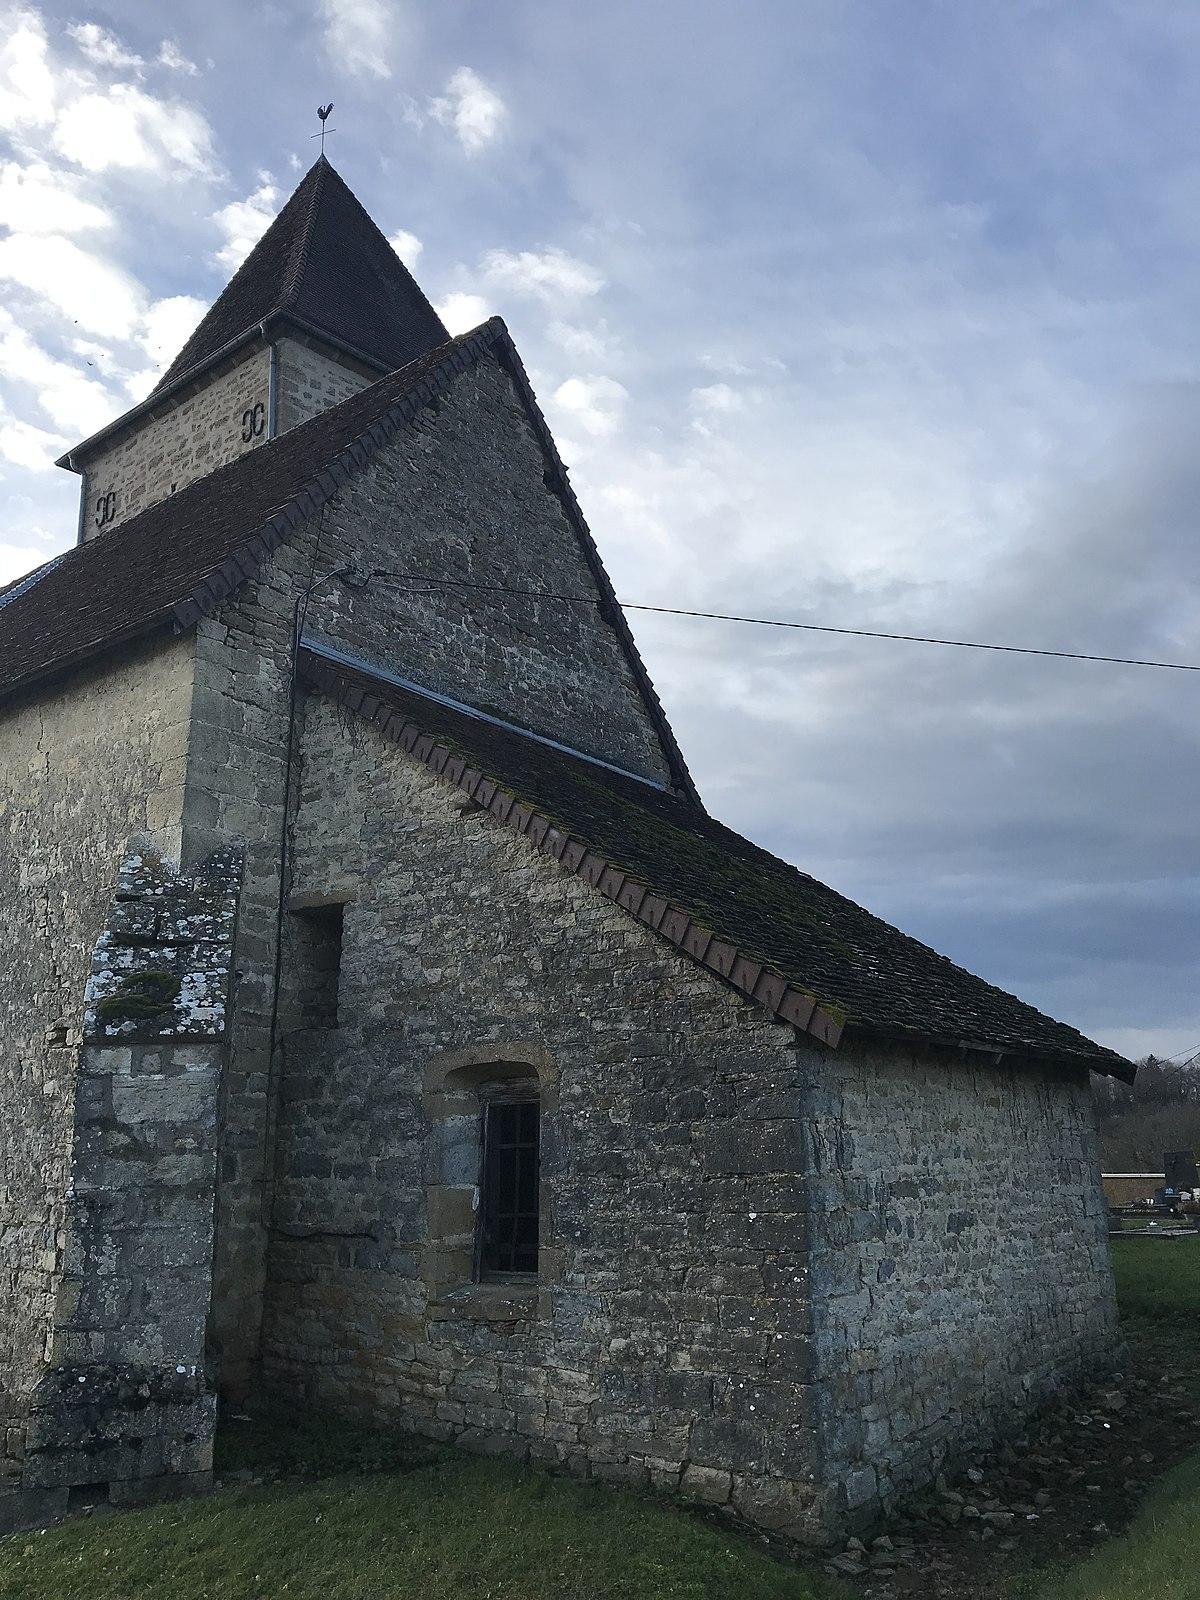 File:Hameau de Saint-Pierre sur la commune de Mathenay (Jura, France) le 6 janvier 2018 - 17.JPG ...